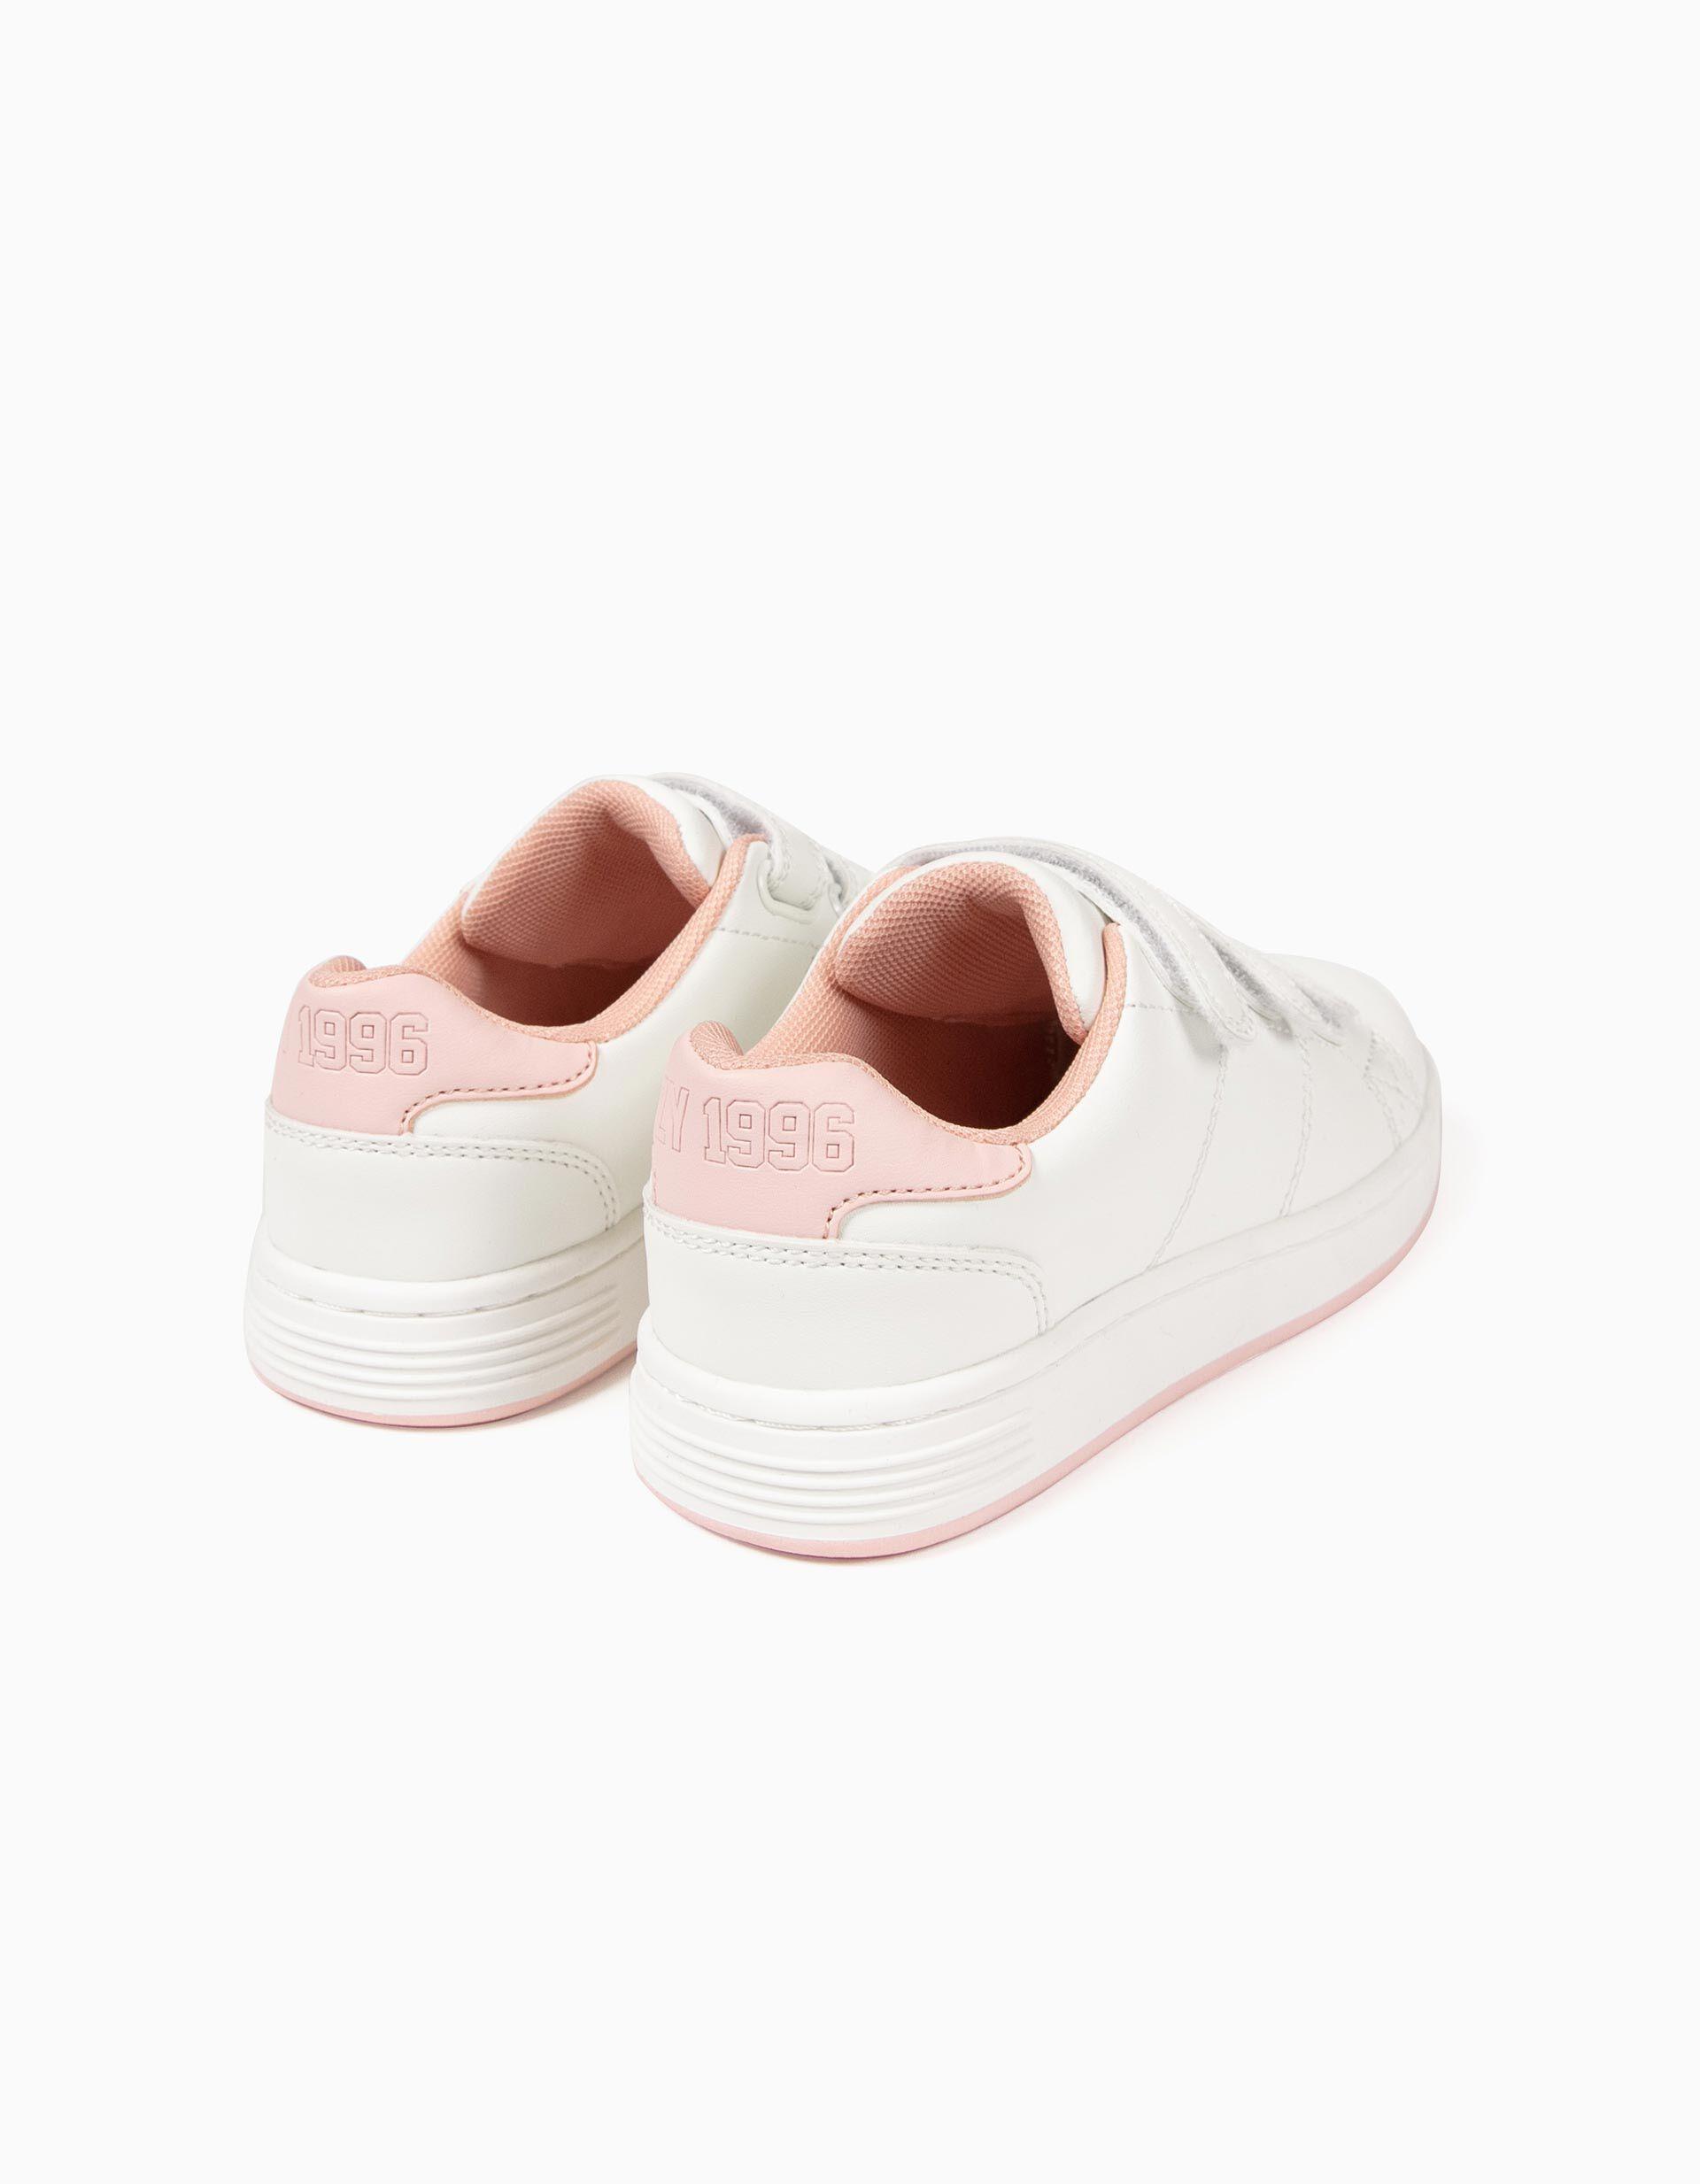 Sapatilhas para Bebé Menina 'ZY 1996' com Velcro, Rosa e Branco